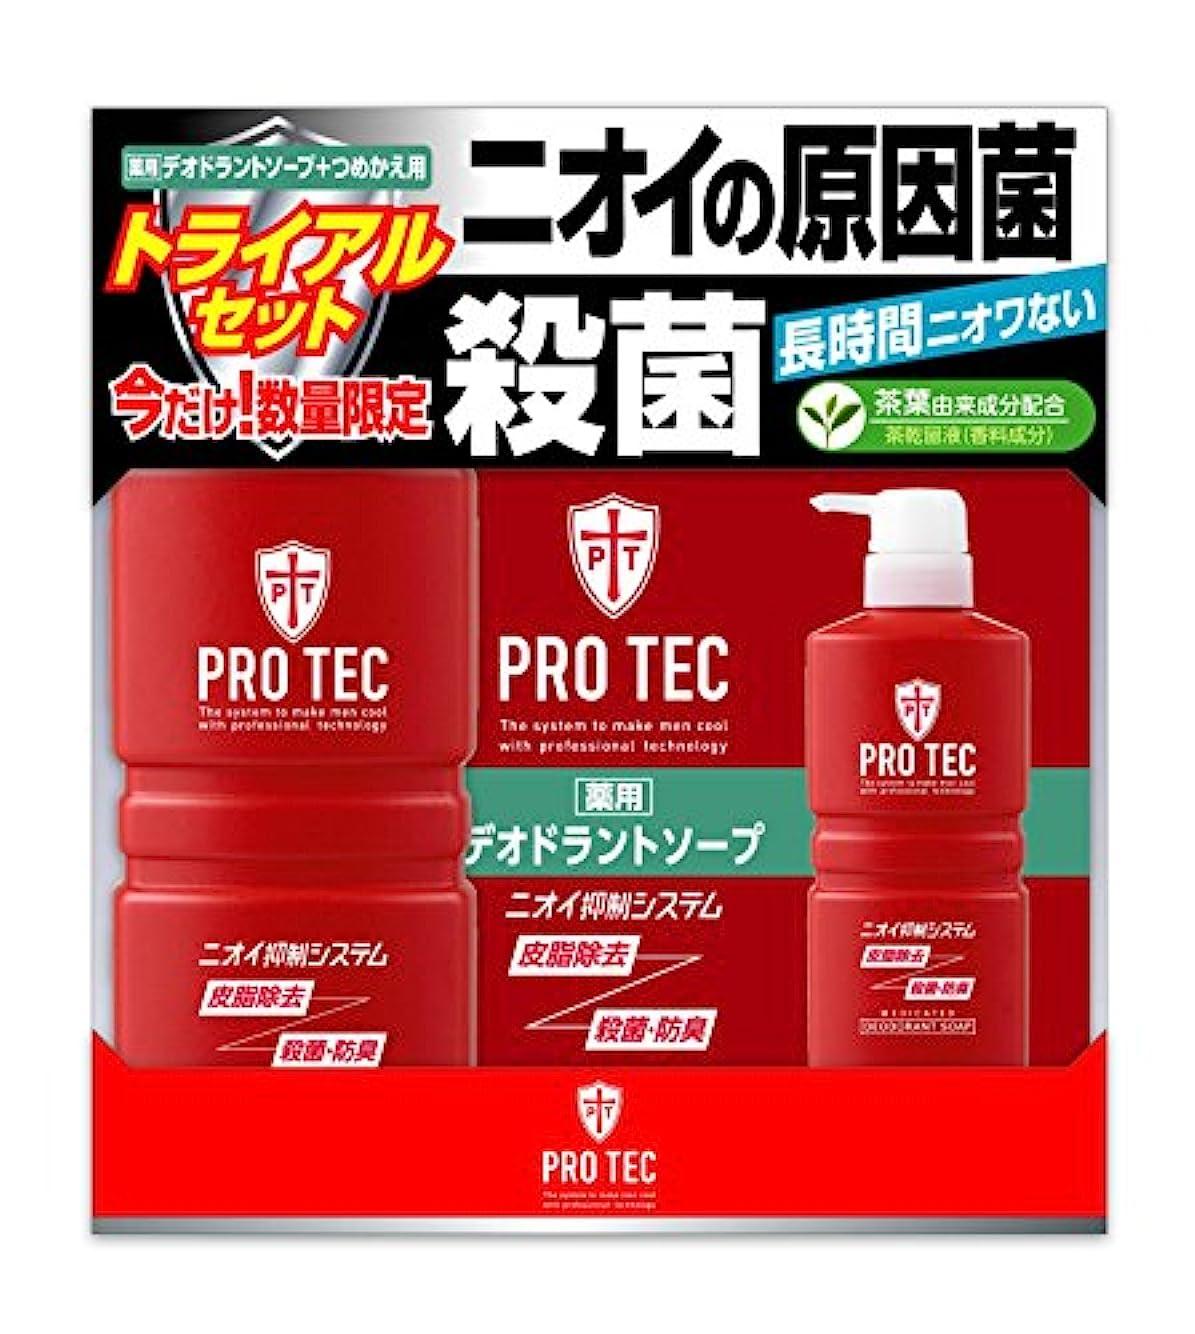 うがい誰か食事を調理するPRO TEC(プロテク) デオドラントソープ 本体420ml+詰替330ml セット[医薬部外品]